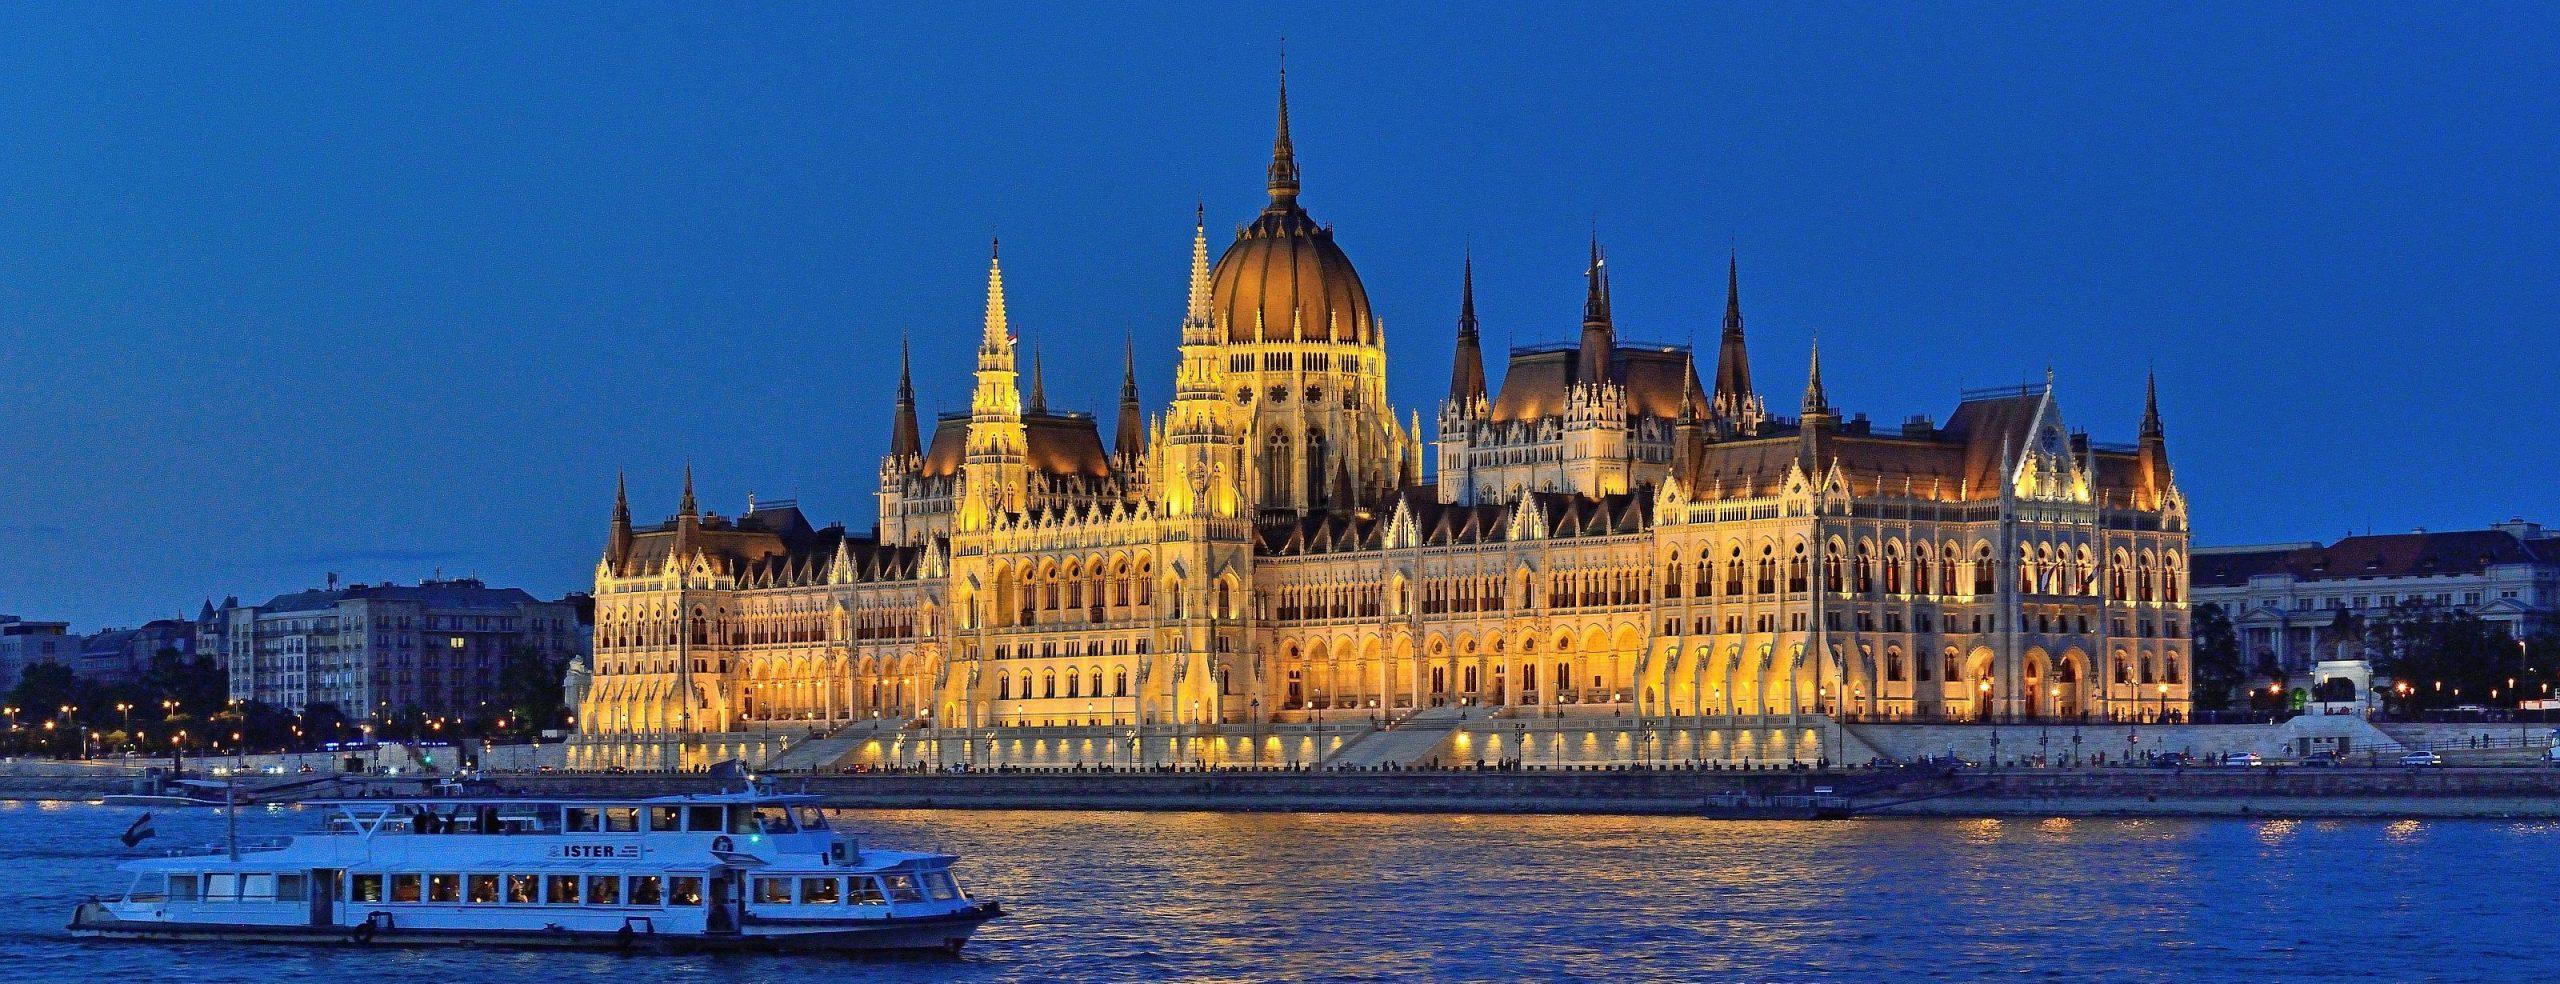 budapest parlament von der donau bei nacht Panorama Klein